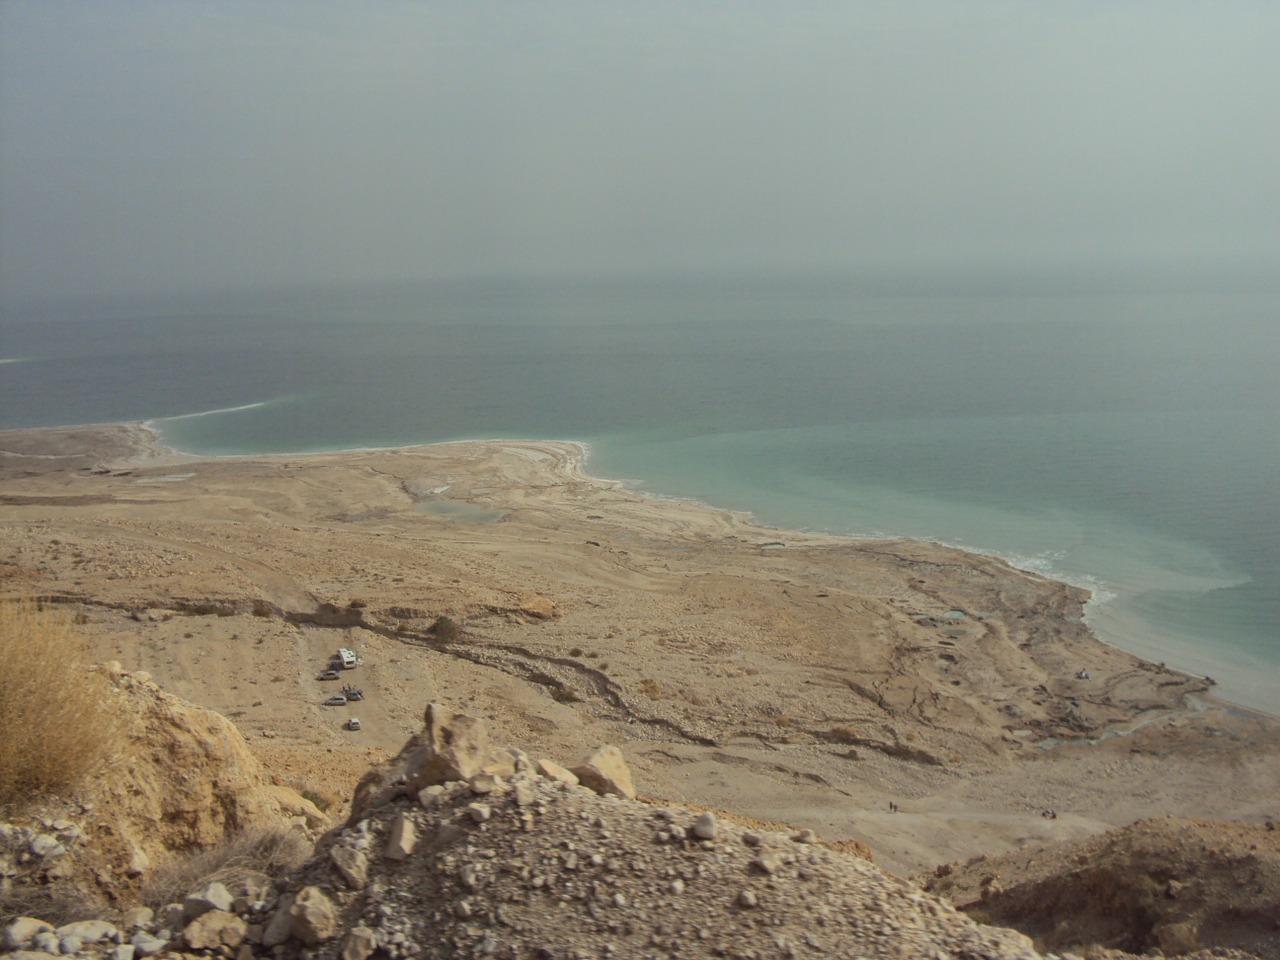 ים המלח – חוויה לכל המשפחה